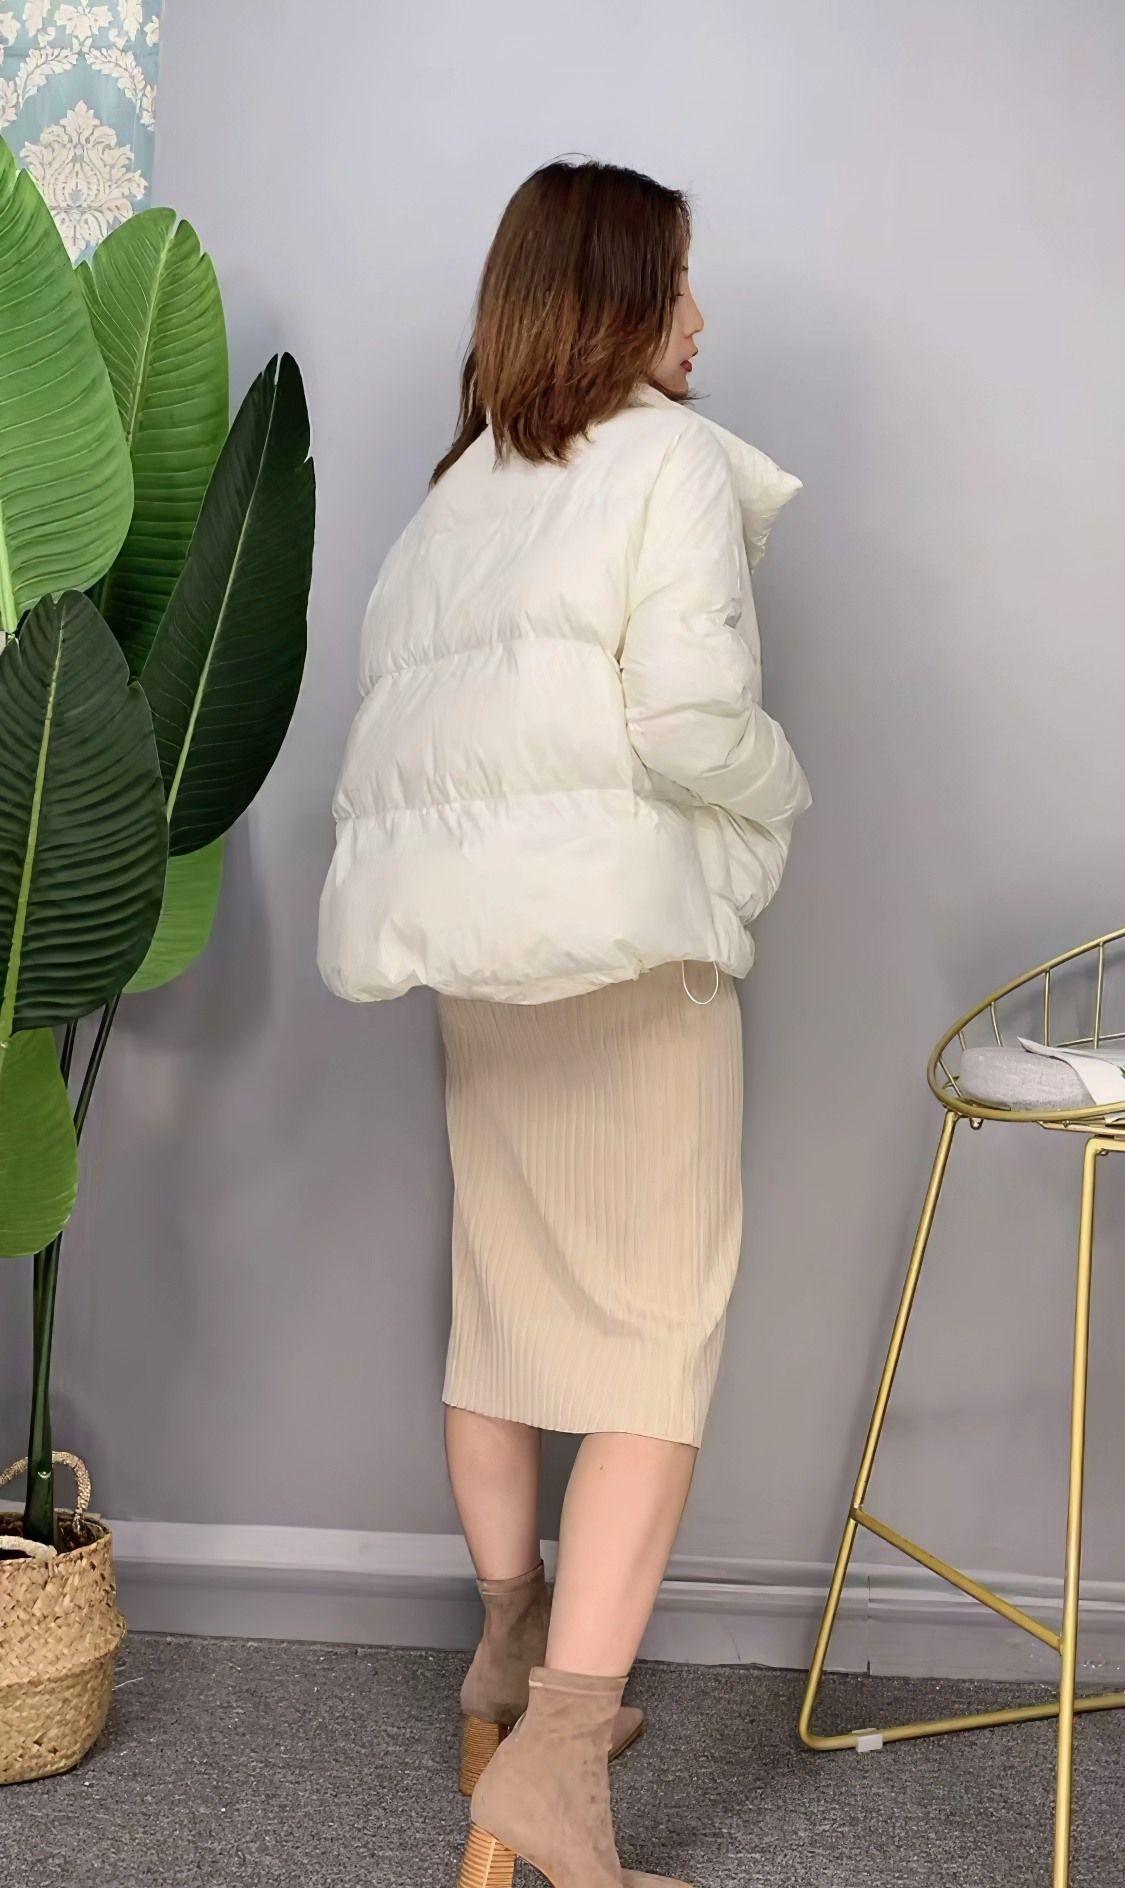 时尚穿搭:冬季羽绒服这么穿,修饰身材不显胖,轻松穿出淑女气质